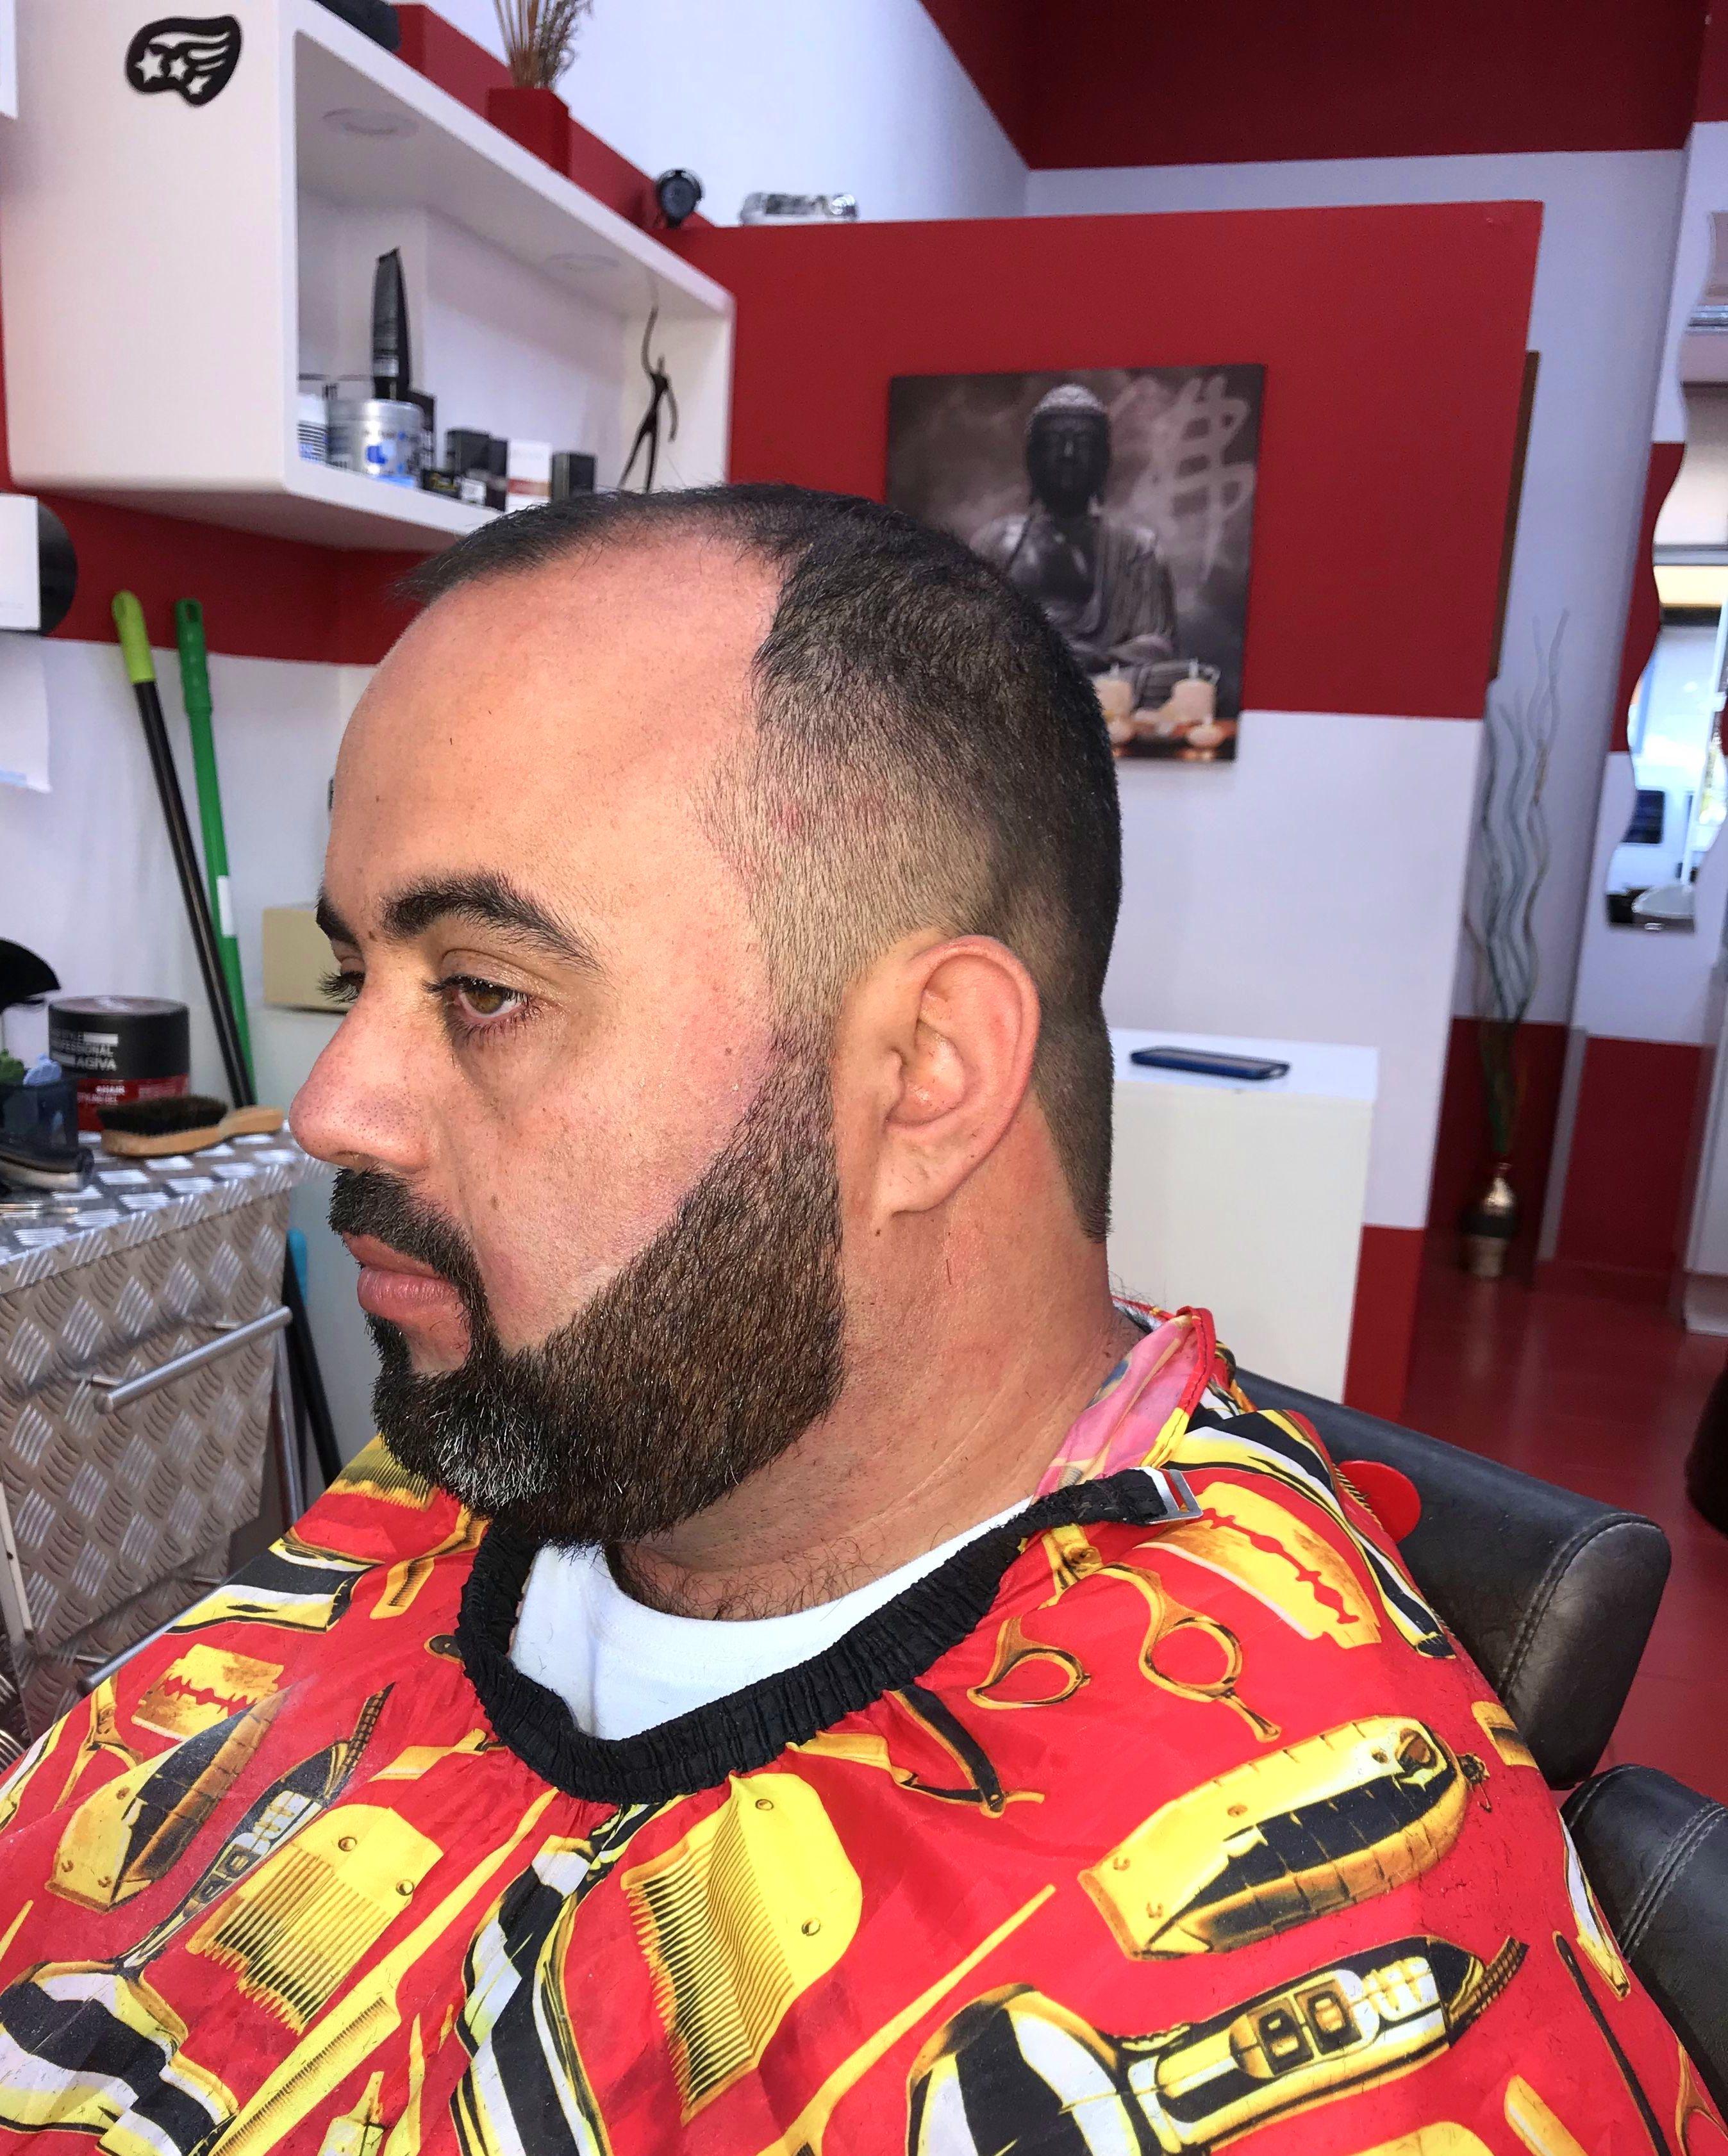 Foto 17 de Peluquería unisex y barbería en    Janlet Barber Shop Unisex